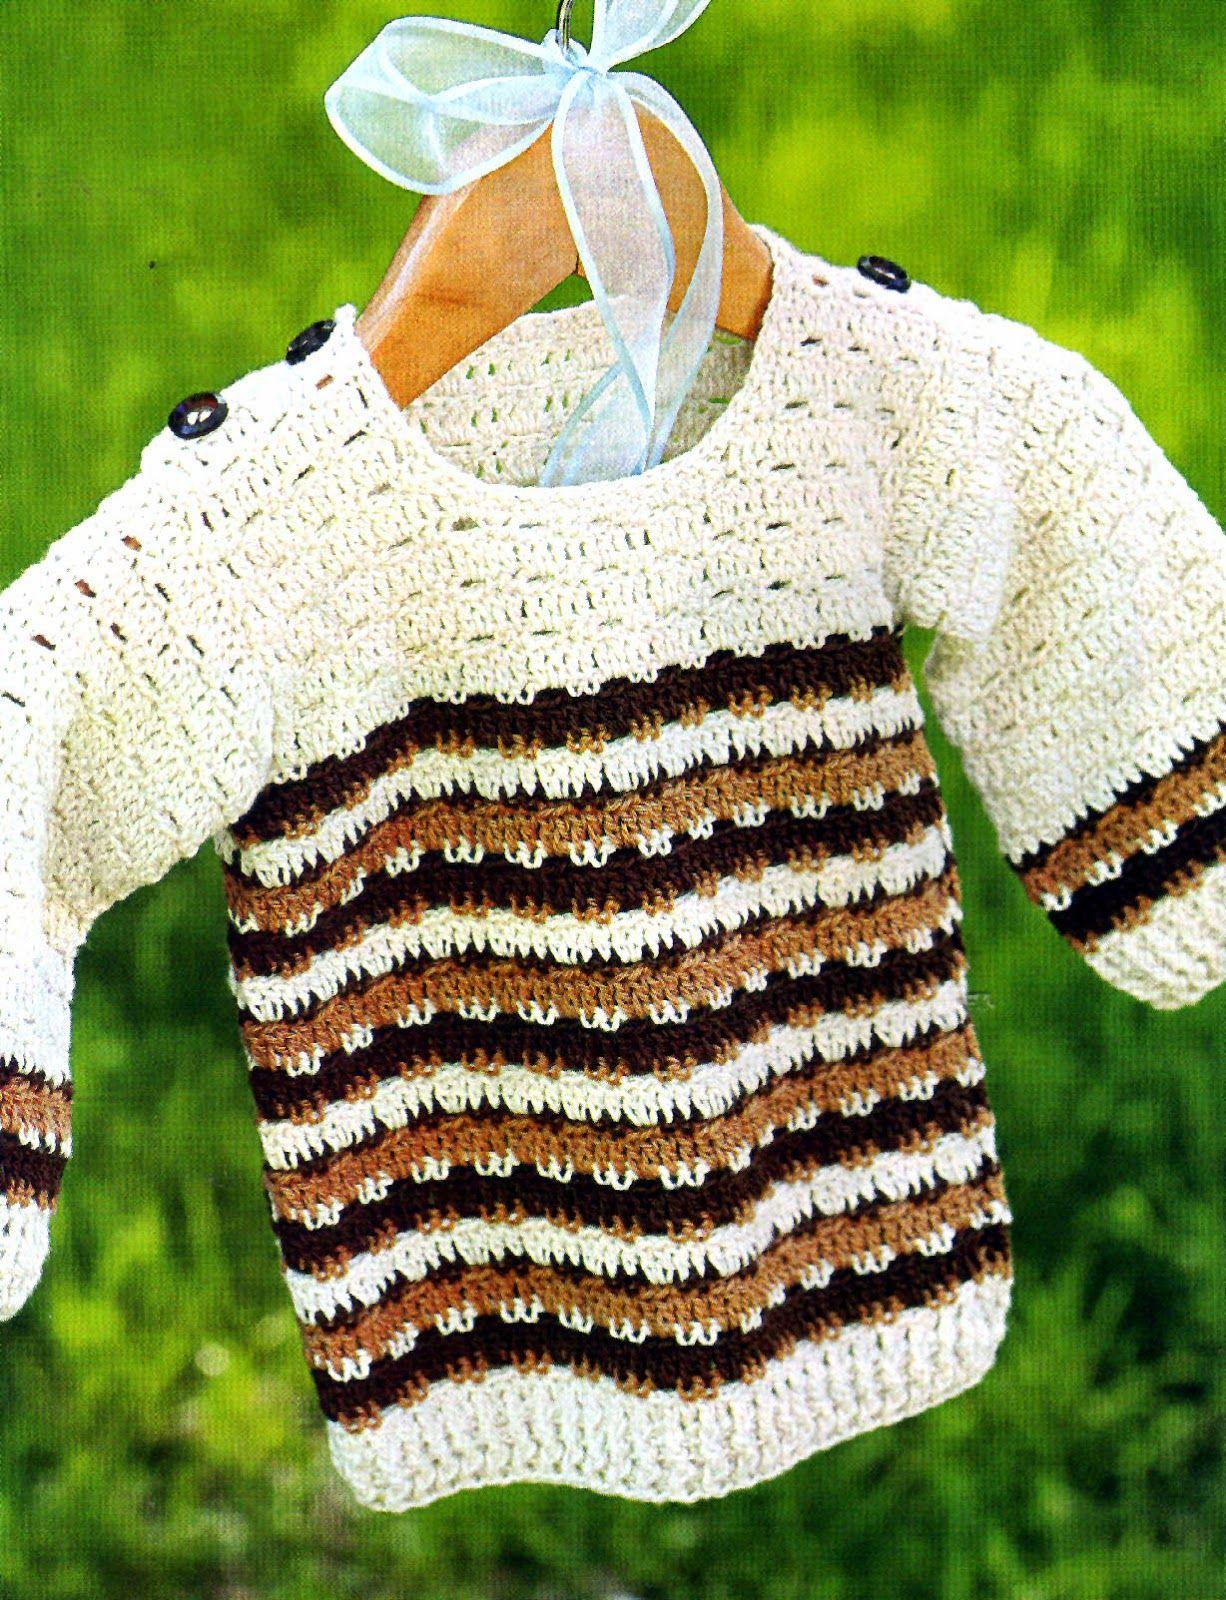 tejidos artesanales en crochet: sueter para niño tejido en crochet ...